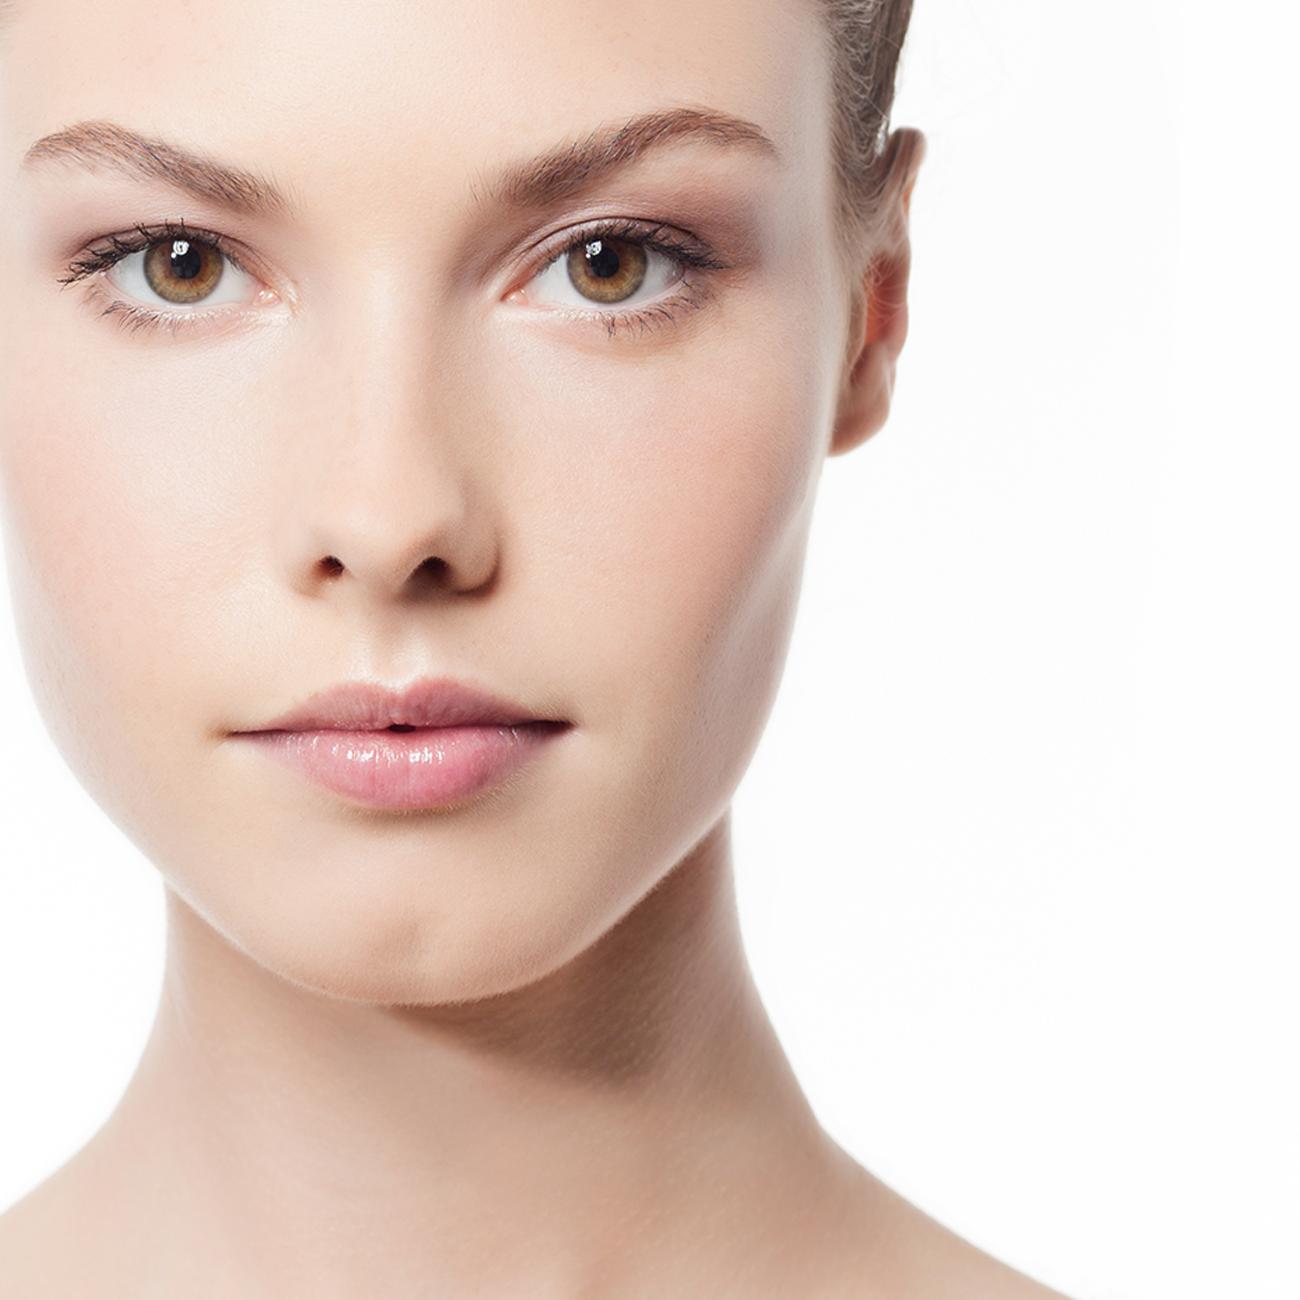 Похудения В Области Лица. 10 правил, чтобы похудеть в лице и появились скулы